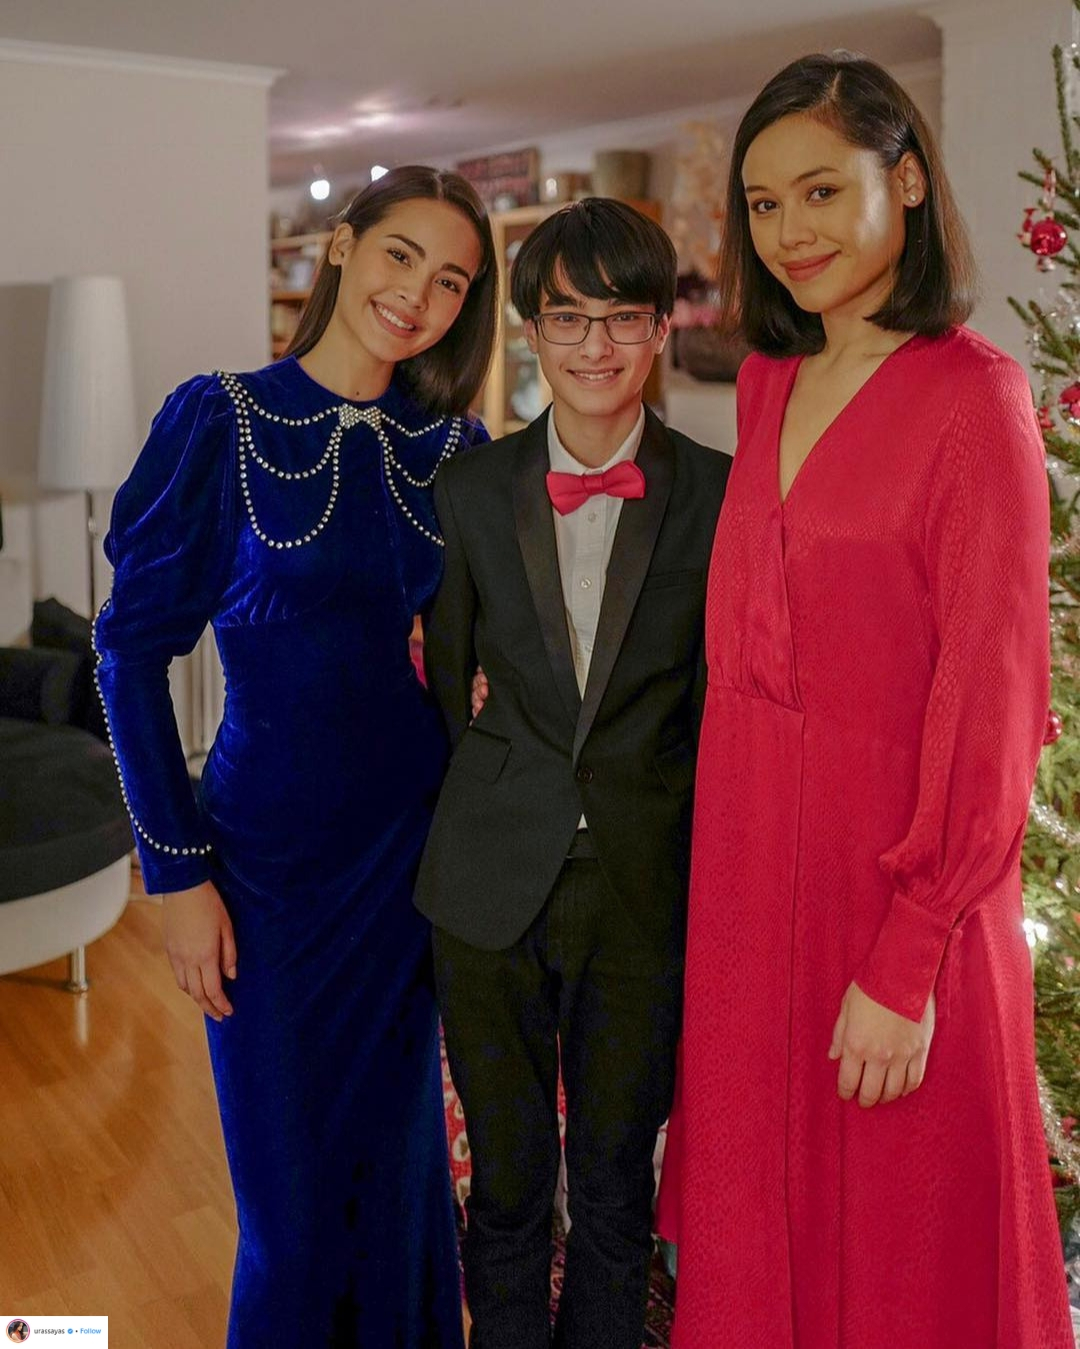 phong cách thời trang sao lễ giáng sinh 10